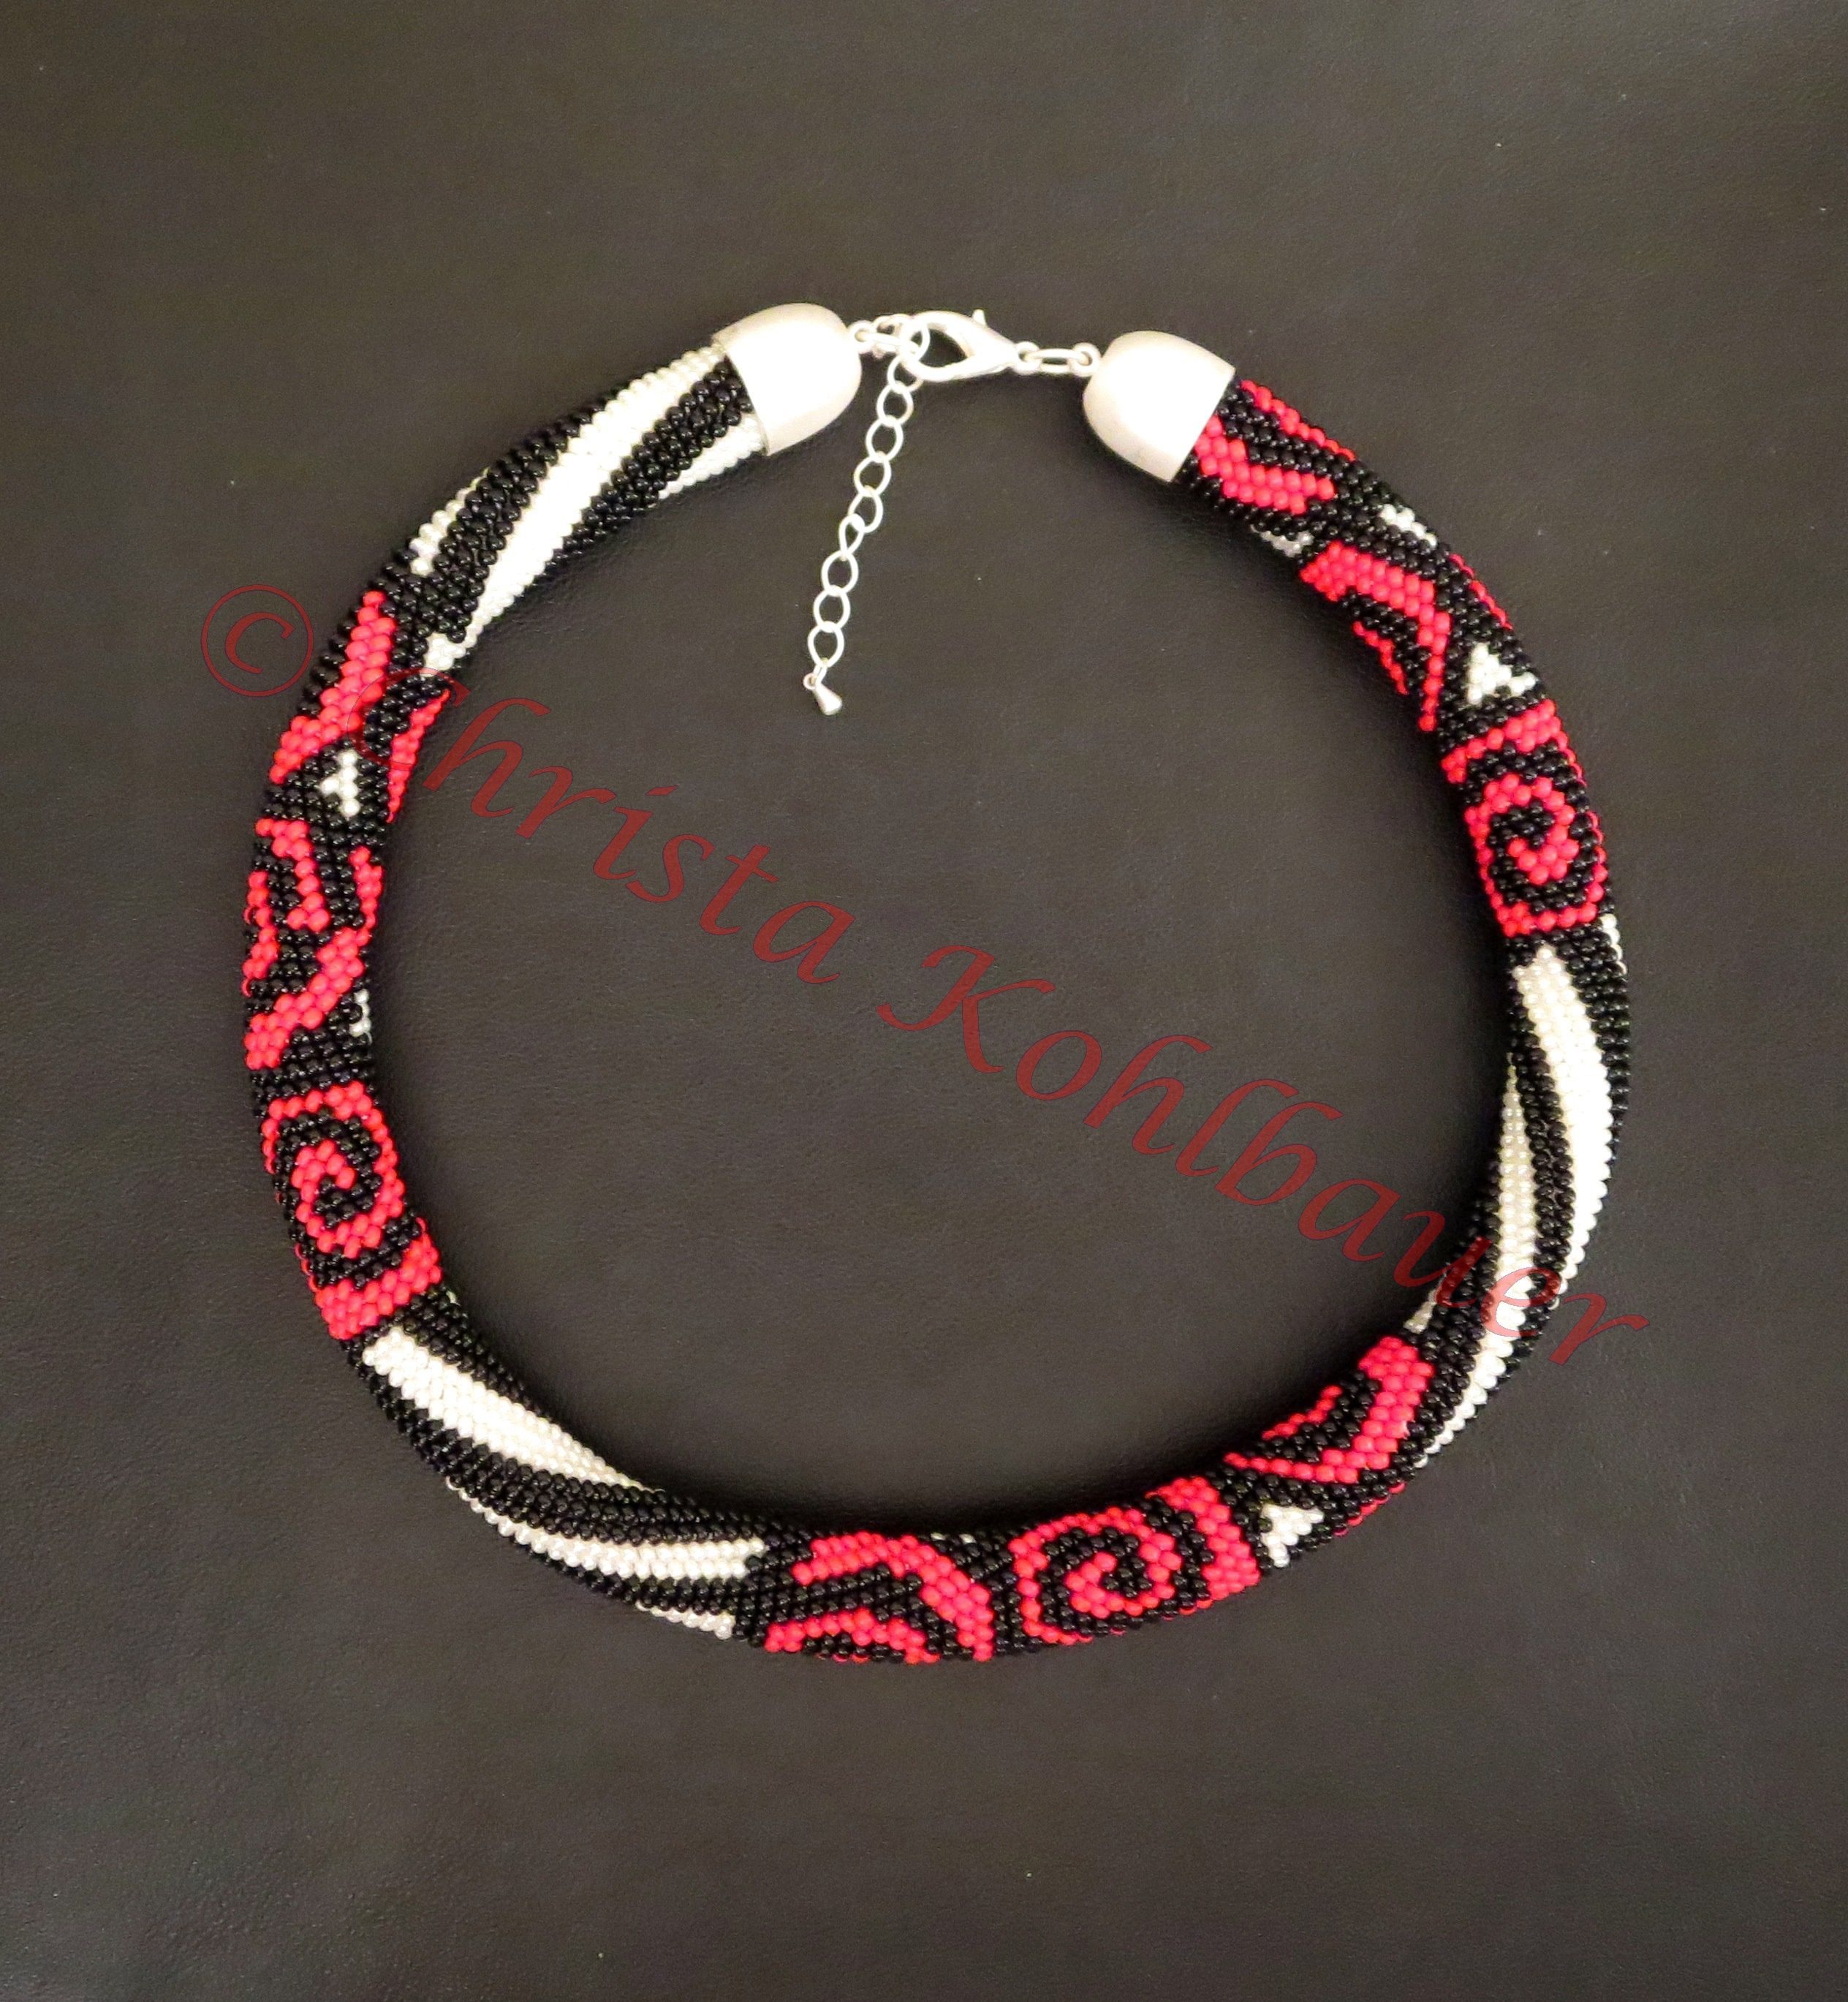 Bead Crochet | Häkelketten | Pinterest | Häkelketten, Perlenkette ...